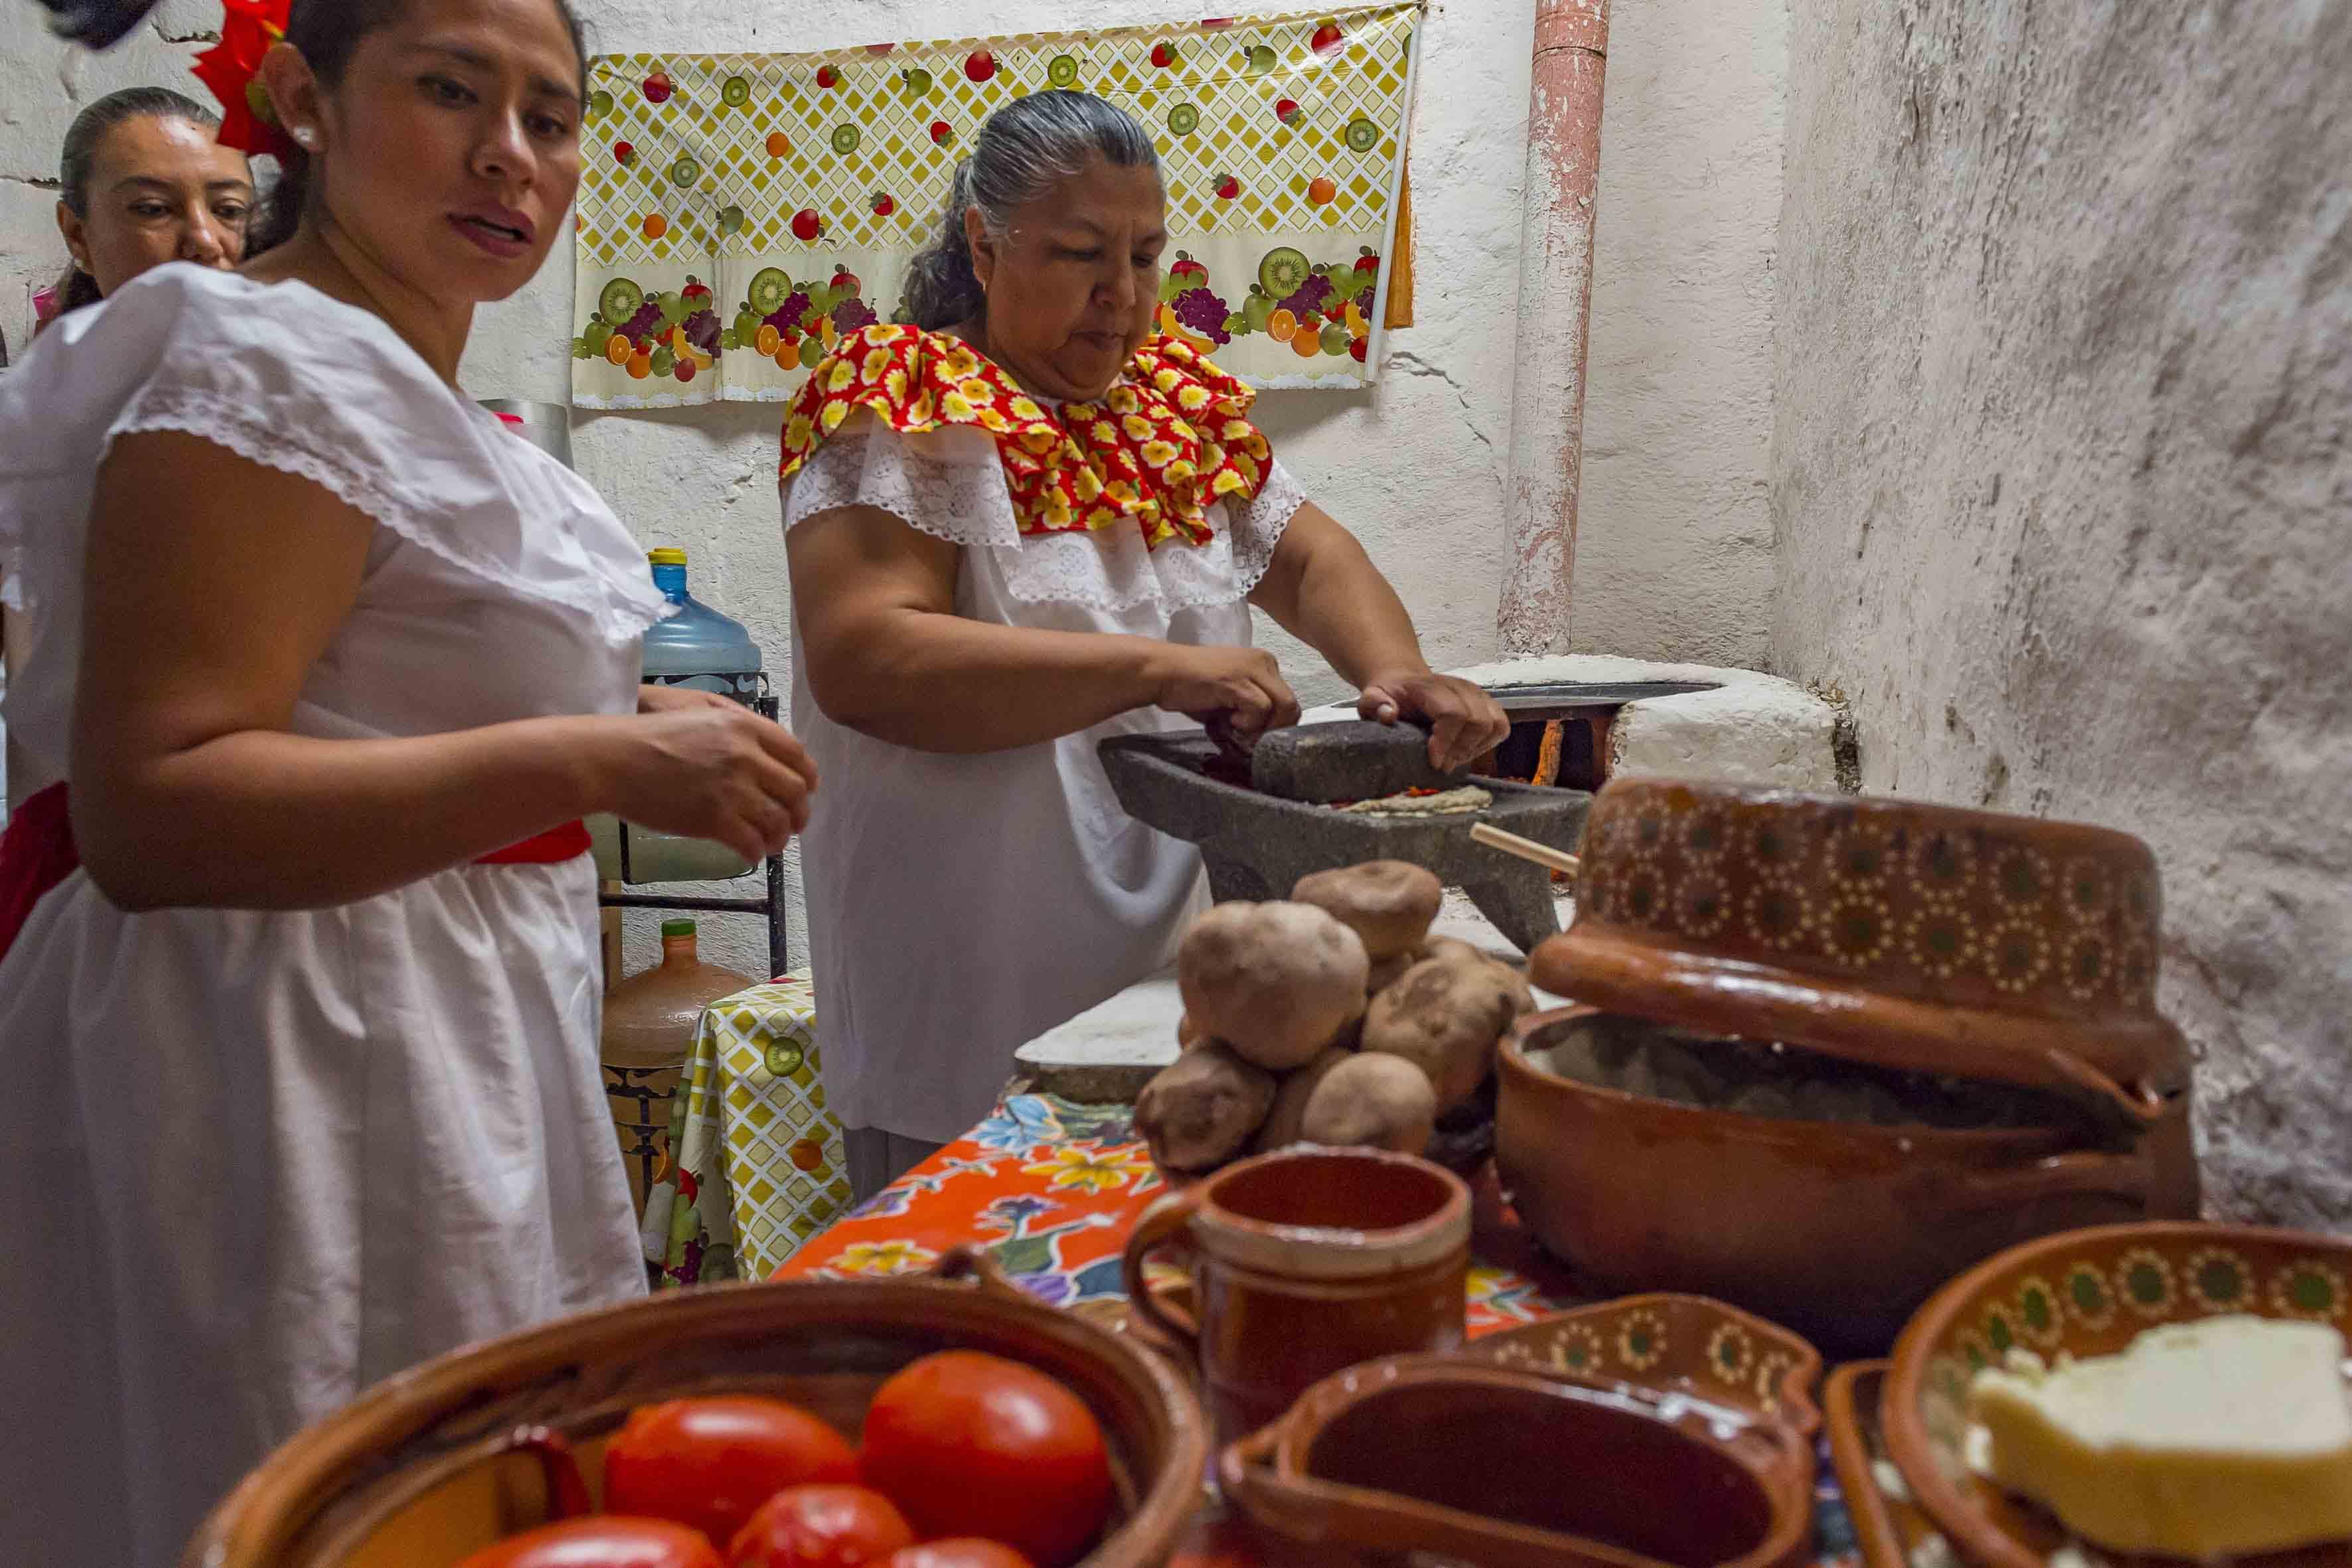 Mujeres de la región, cocinando platillos con las diferentes especies de hongos comestibles.